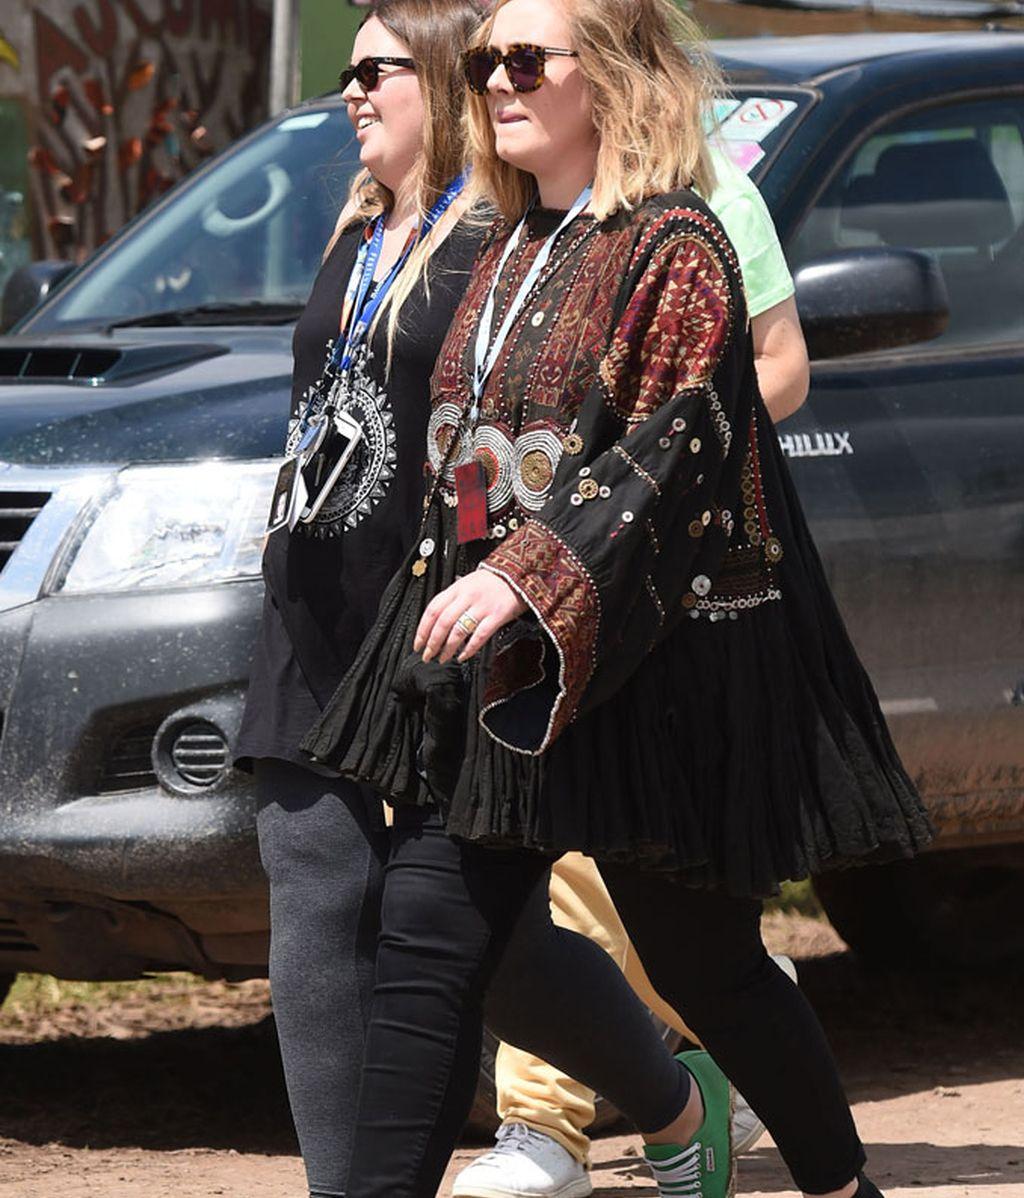 La cantante Adele acompañada de una amiga